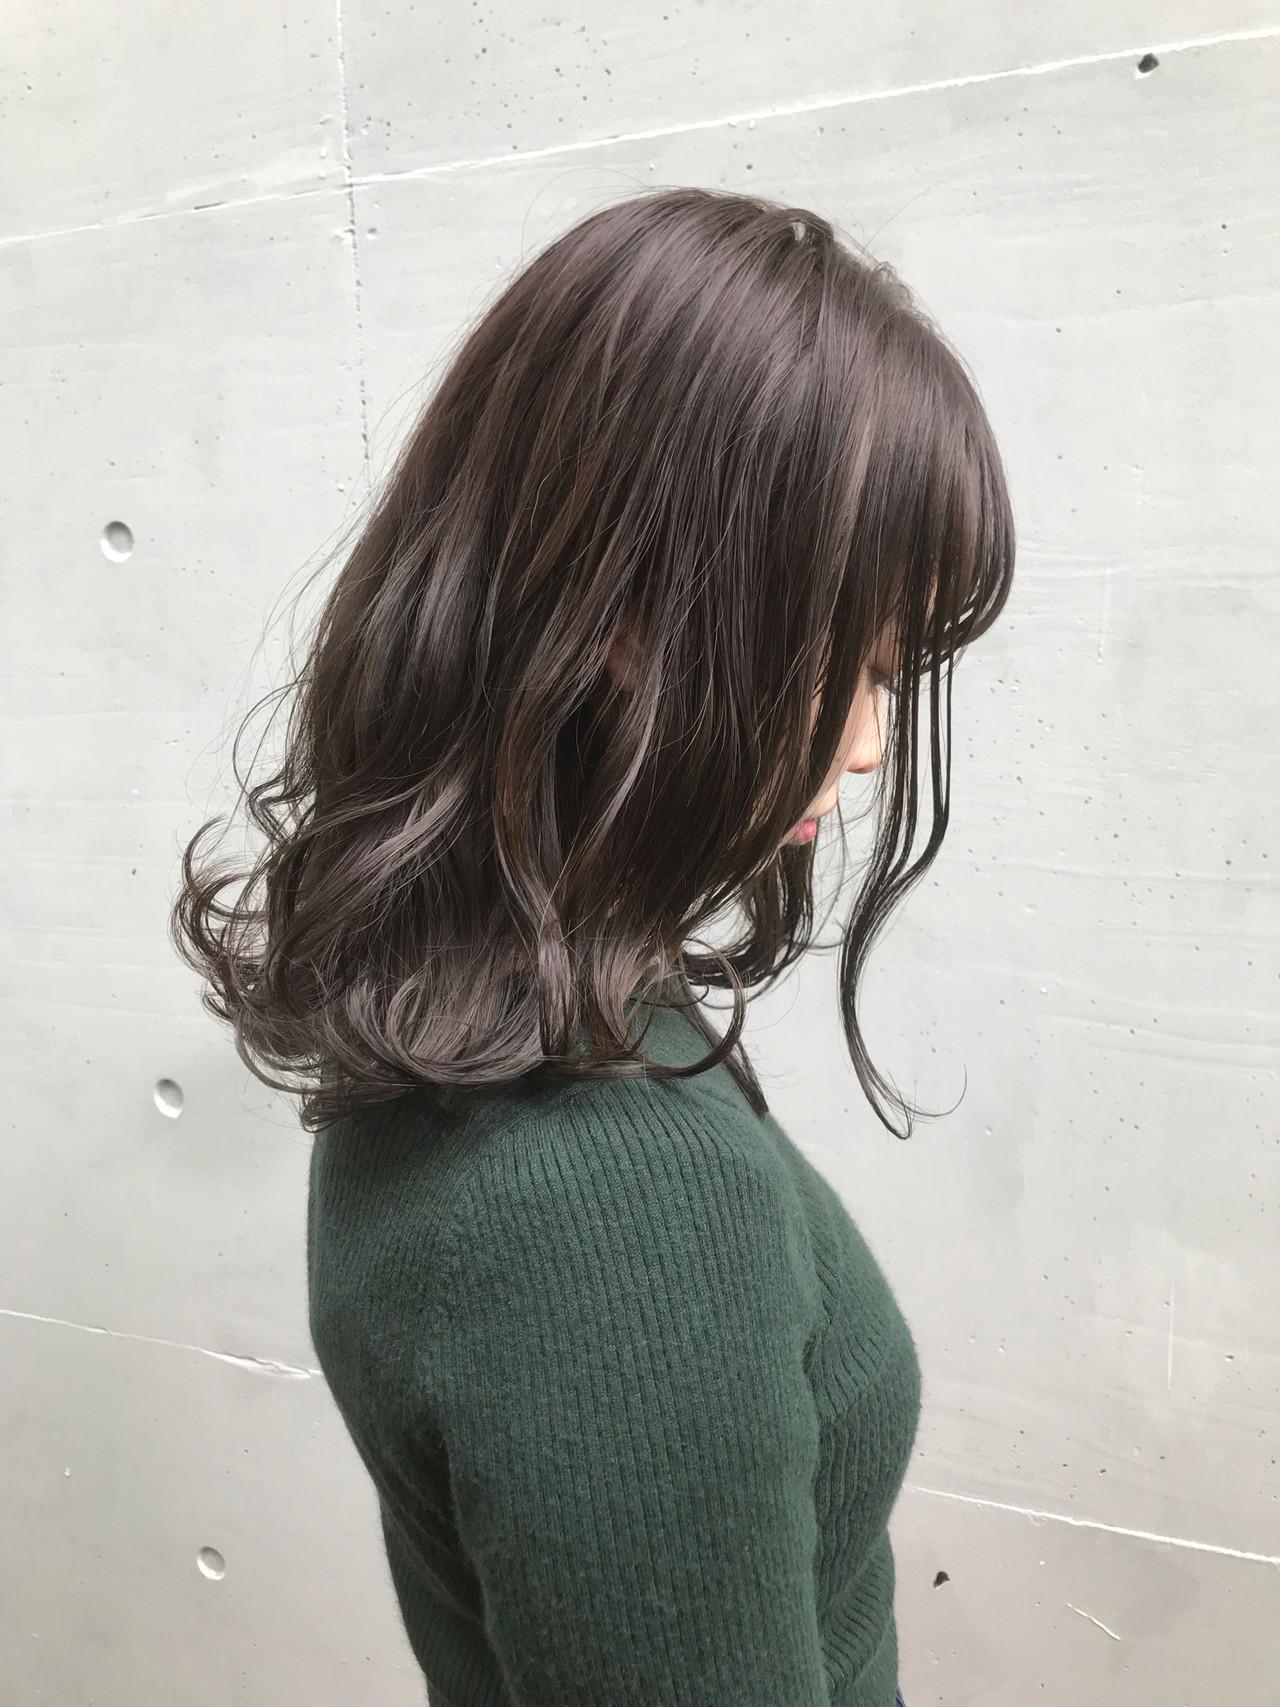 ラベンダーアッシュ セミロング ラベンダー ラベンダーグレージュ ヘアスタイルや髪型の写真・画像 | おかゆ / tete nico